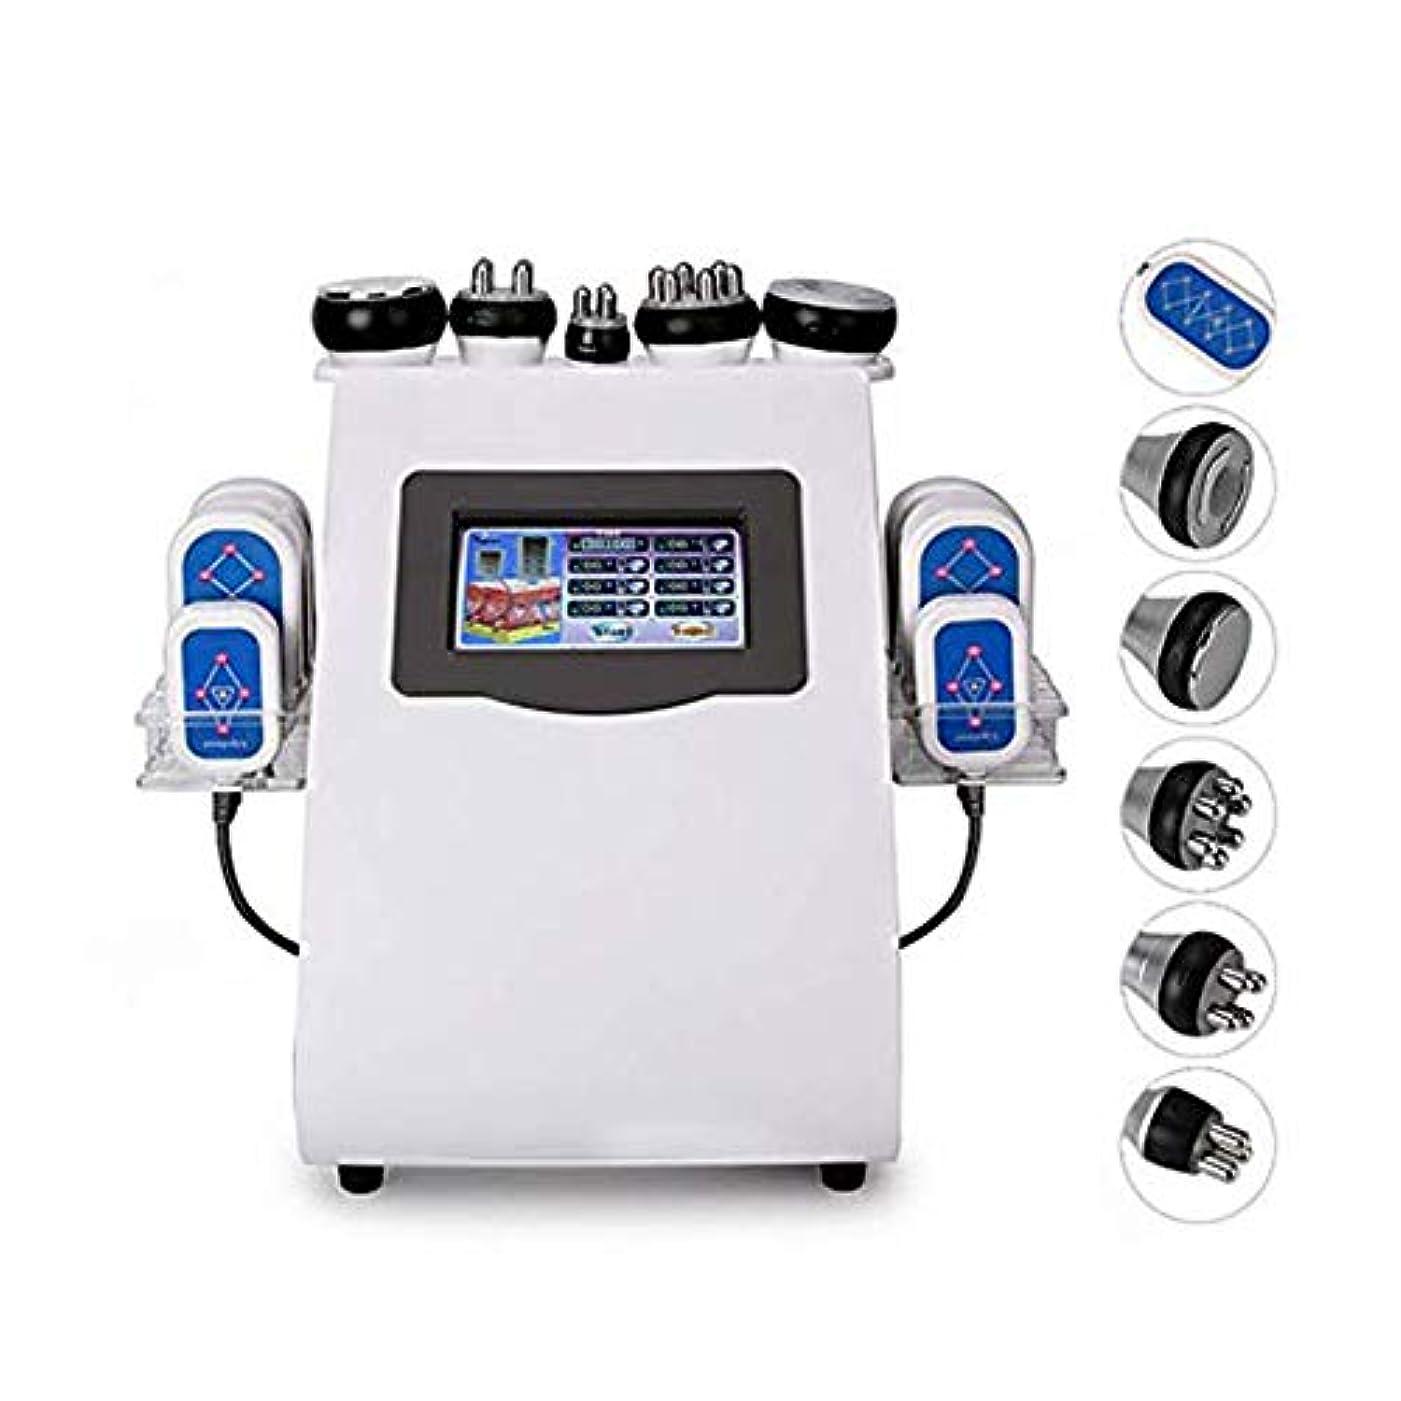 ひねくれた降伏休暇超音波キャビテーション抗セルライトネガティブボディ痩身マシン、脂肪燃焼と無線周波数アンチエイジングスキンリフティング引き締めしわ美容機器の除去